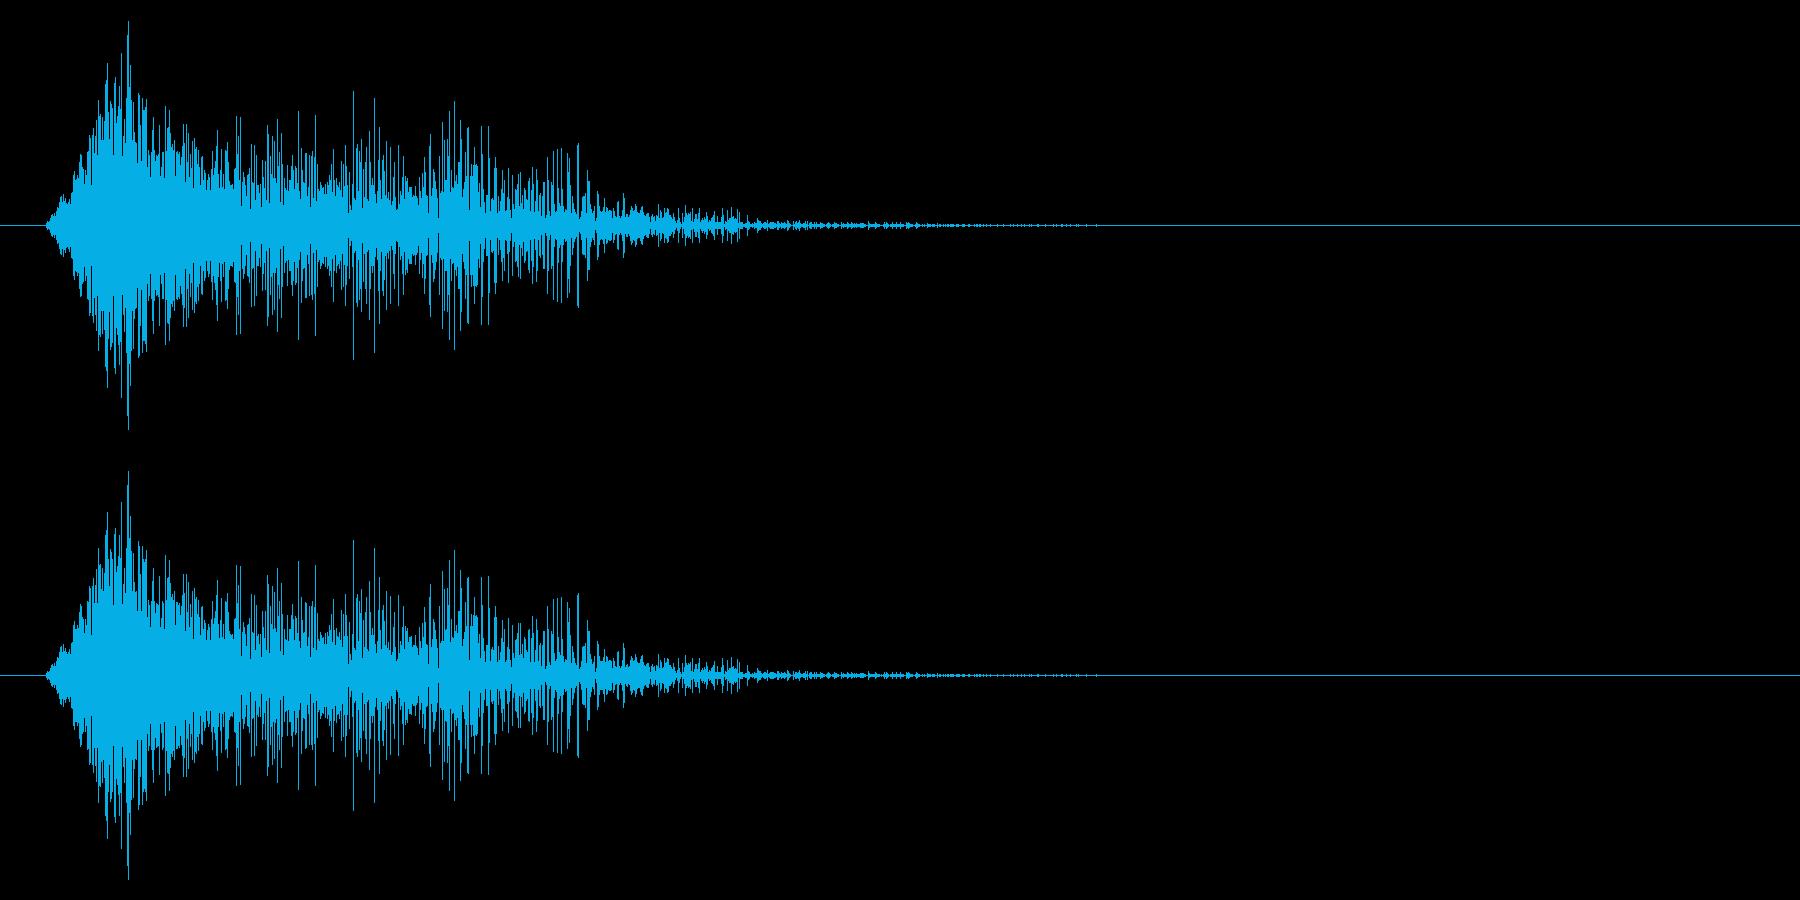 遭遇/エンカウント/バトルの再生済みの波形